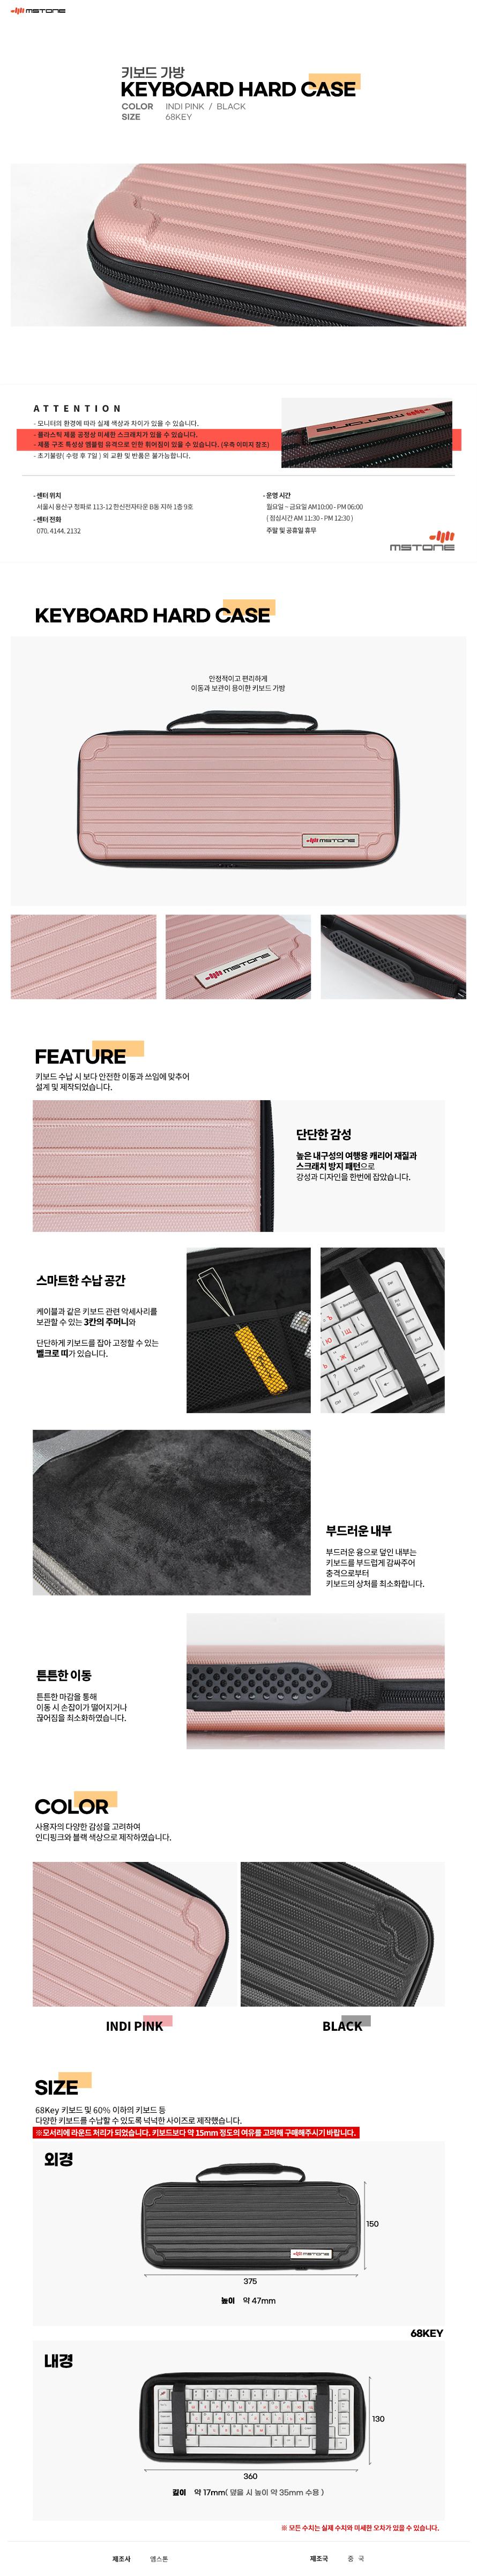 엠스톤글로벌 mStone 68 키보드 가방 (인디핑크)